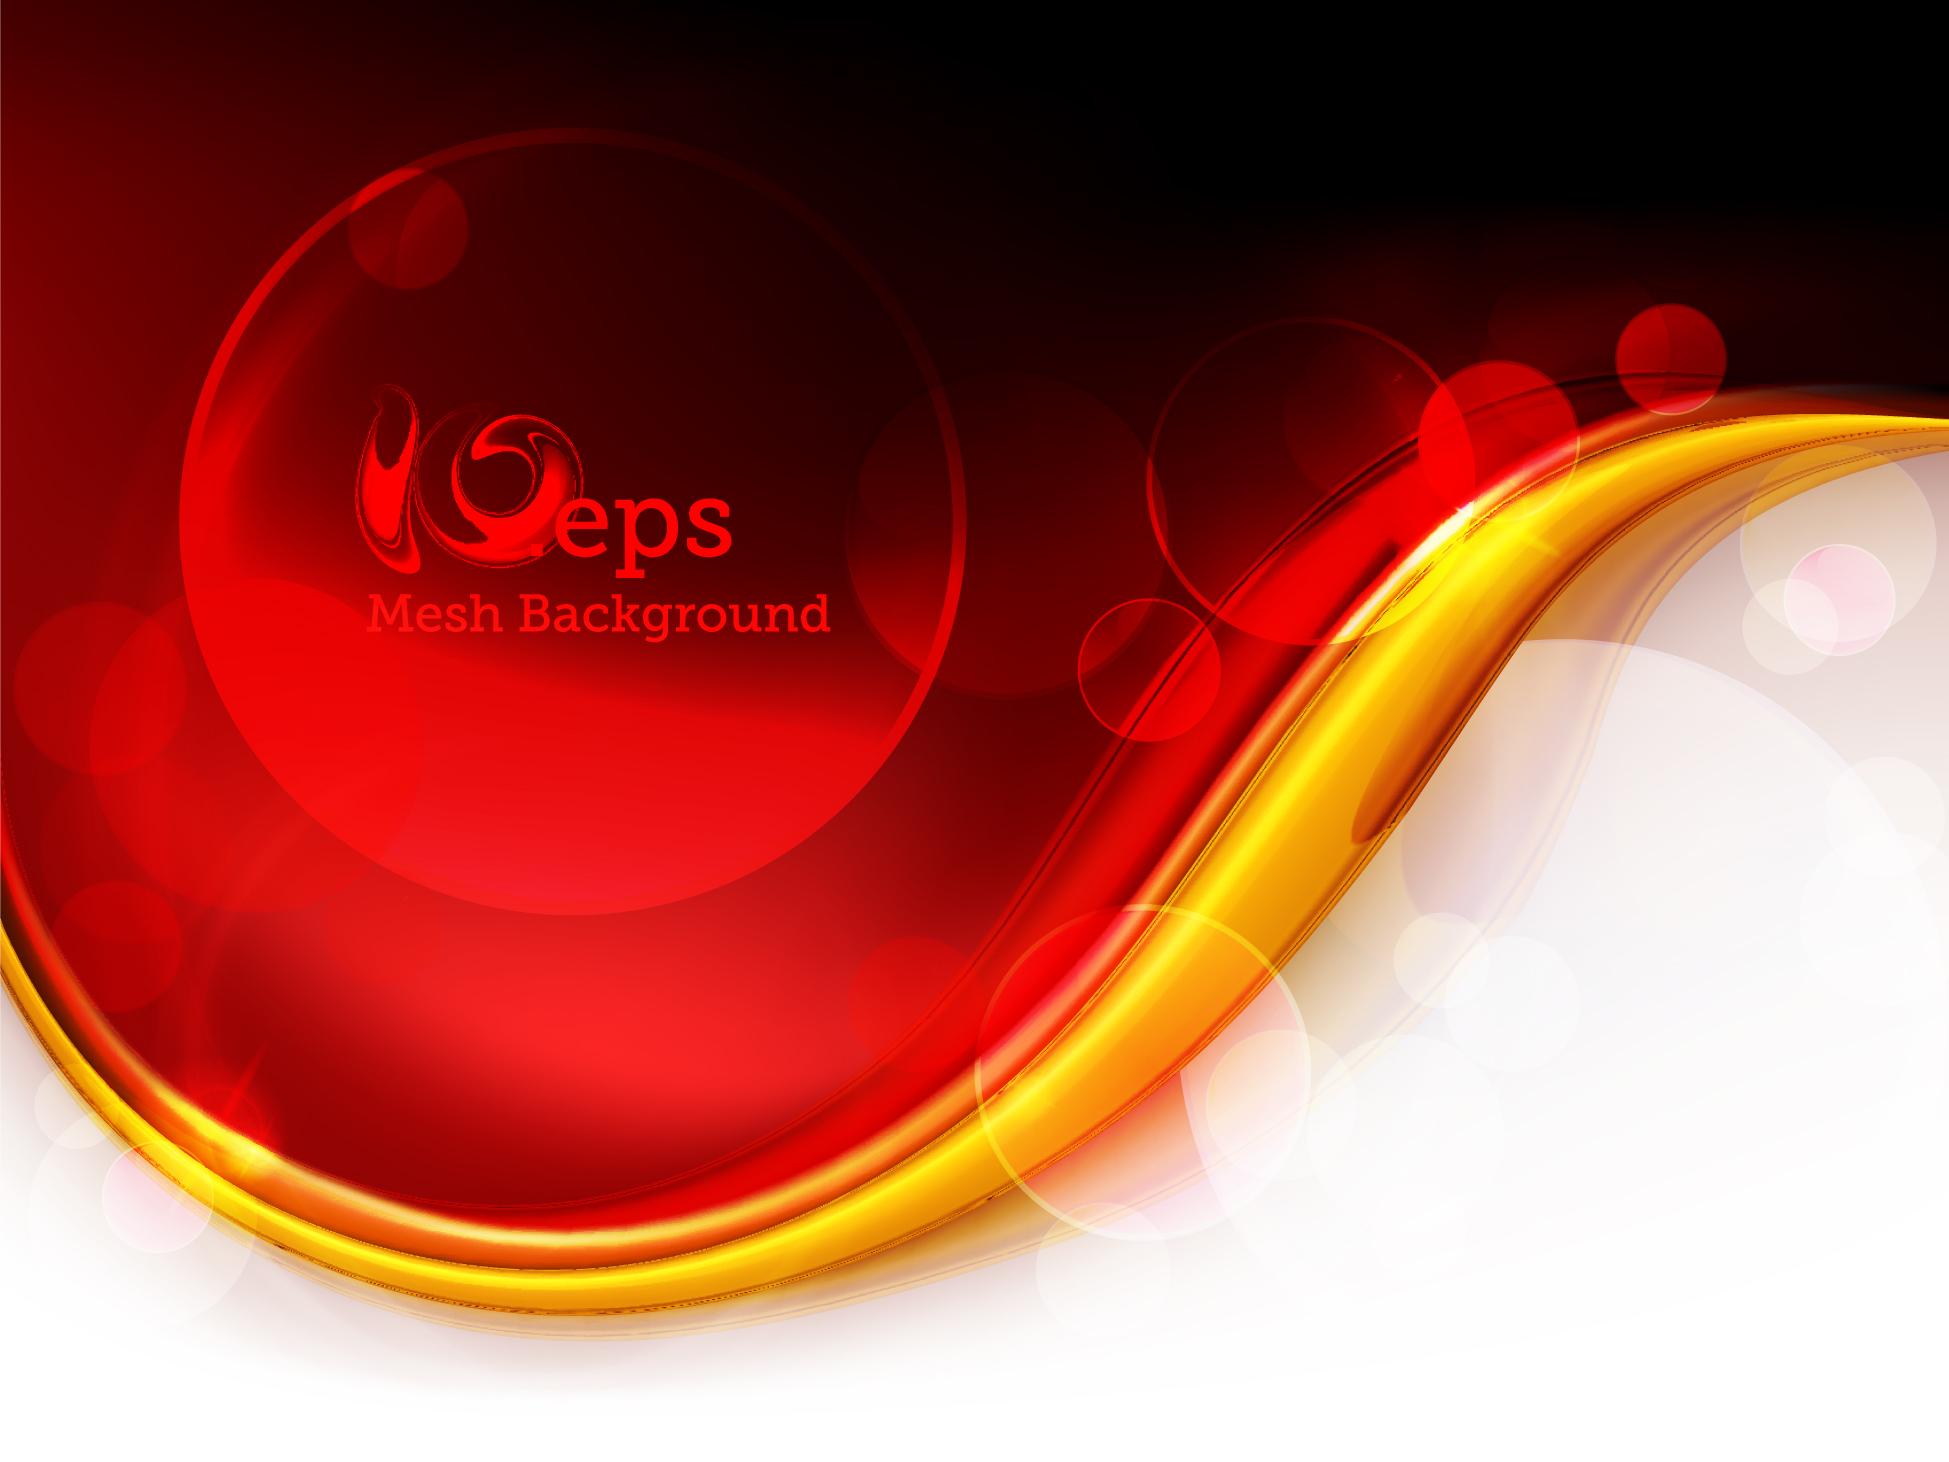 Gold And Red Backgrounds: Красно-золотые фоны - Векторный клипарт